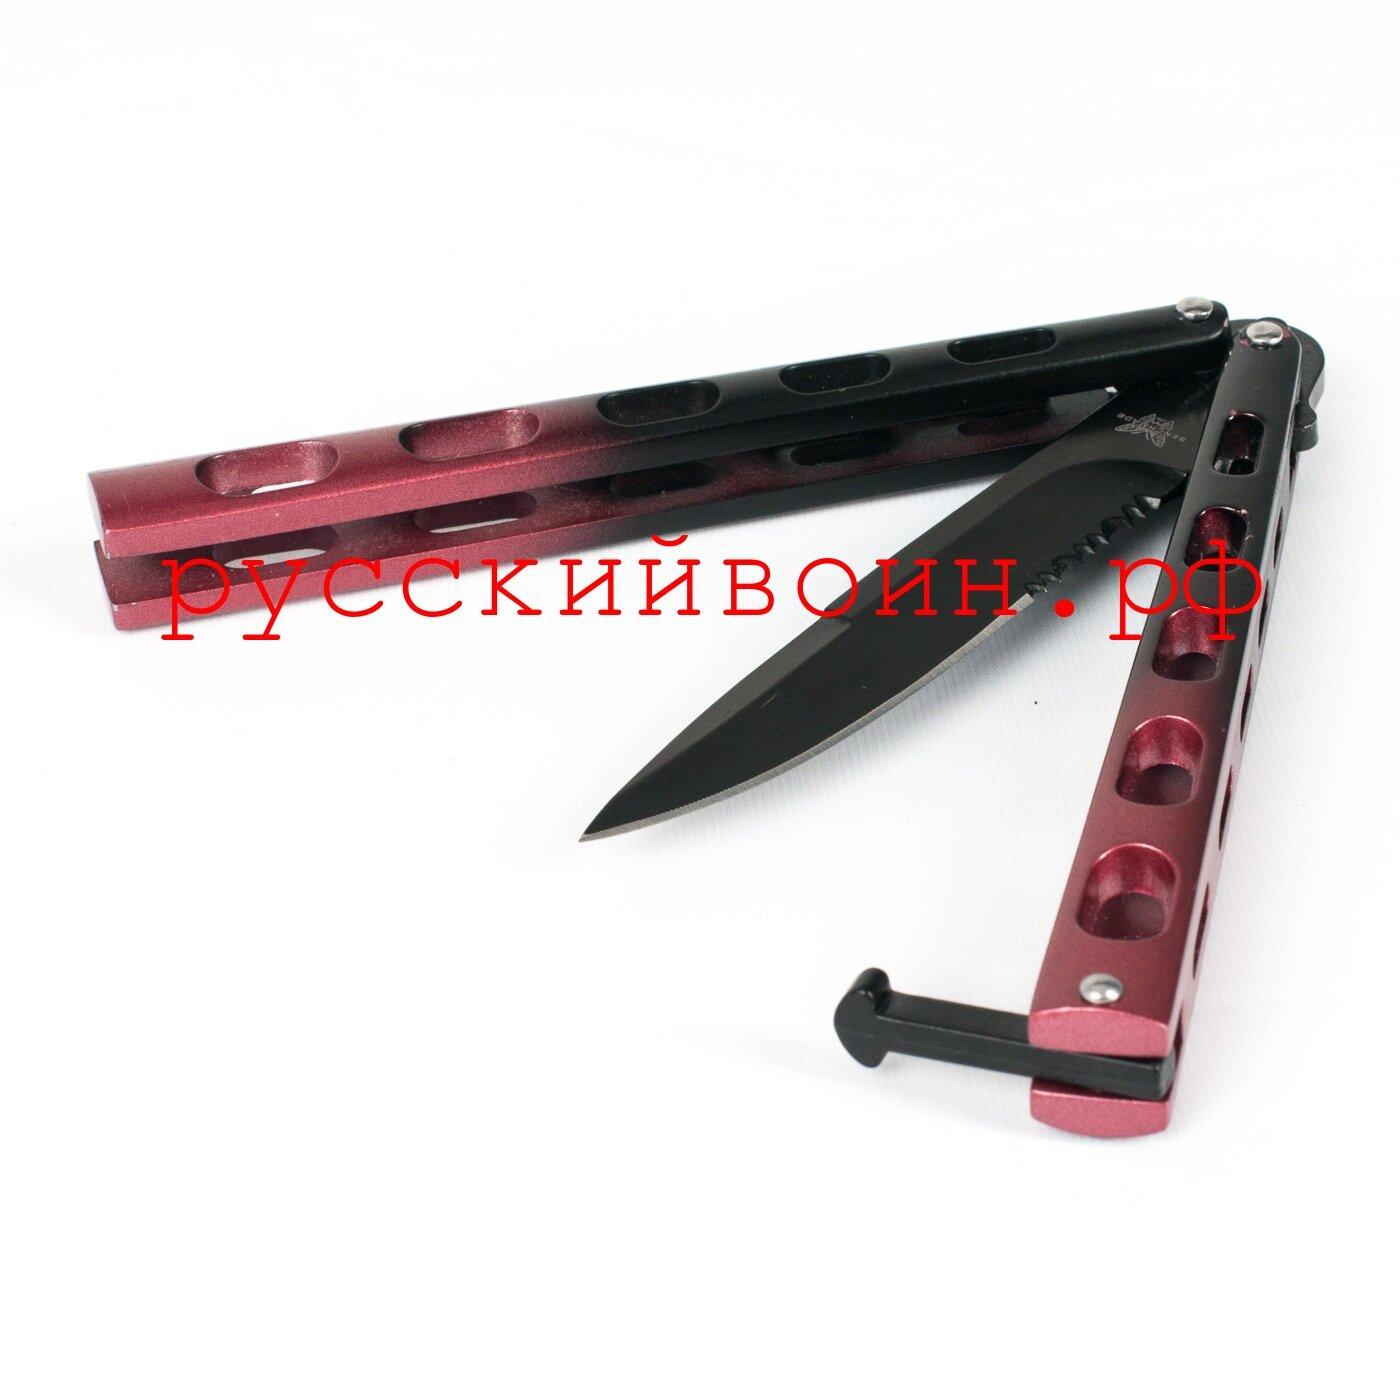 Нож-бабочка MK 2 Red